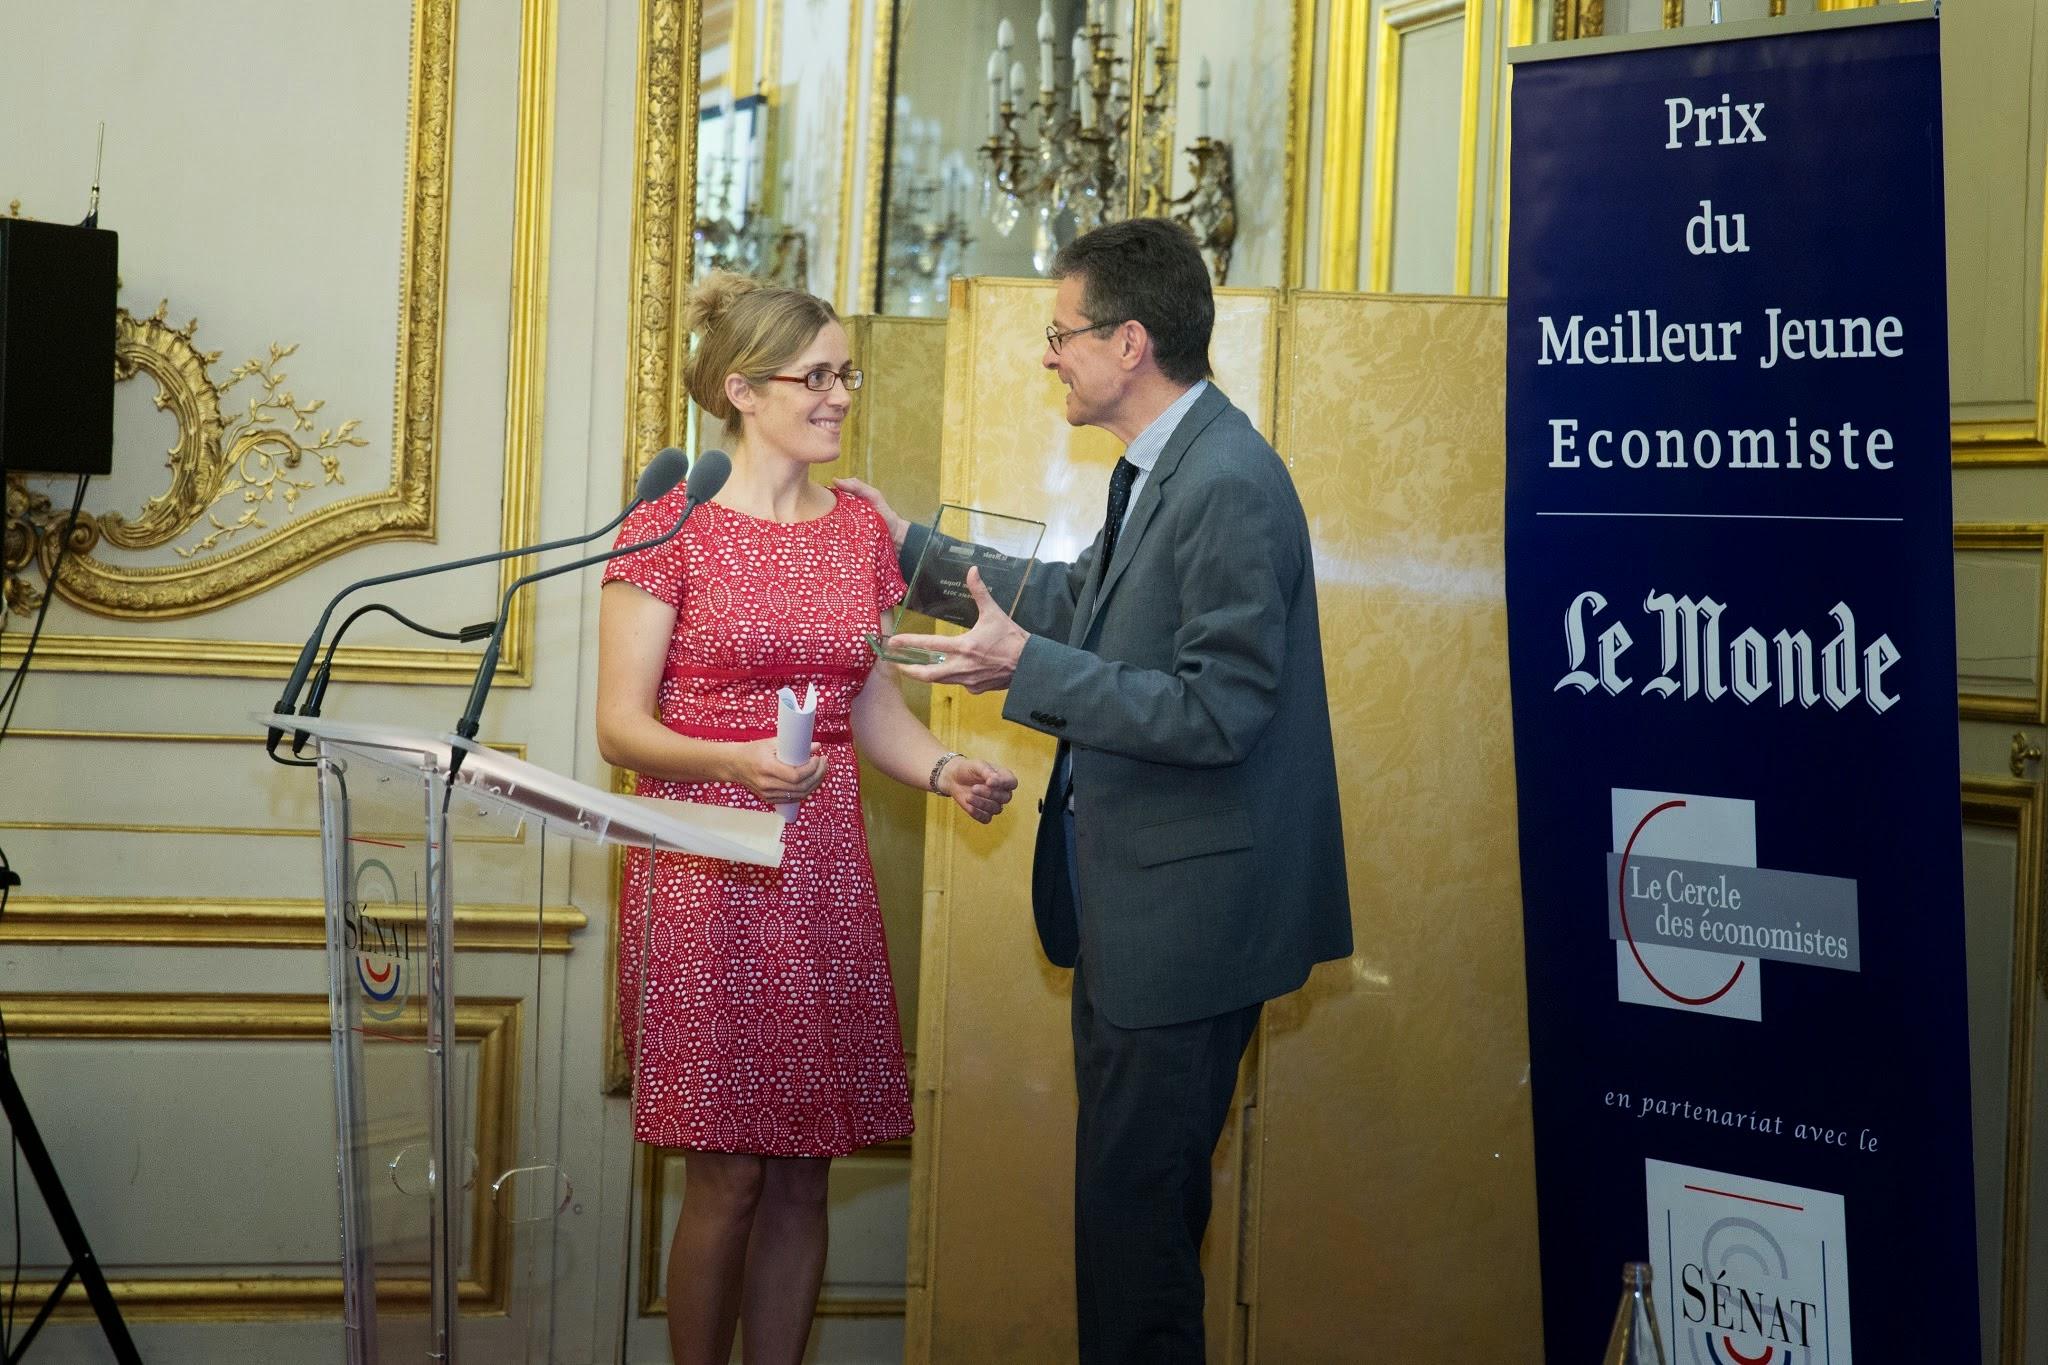 Prix du meilleur jeune economiste 2015 le cercle des conomistes - Prix du meilleur architecte ...